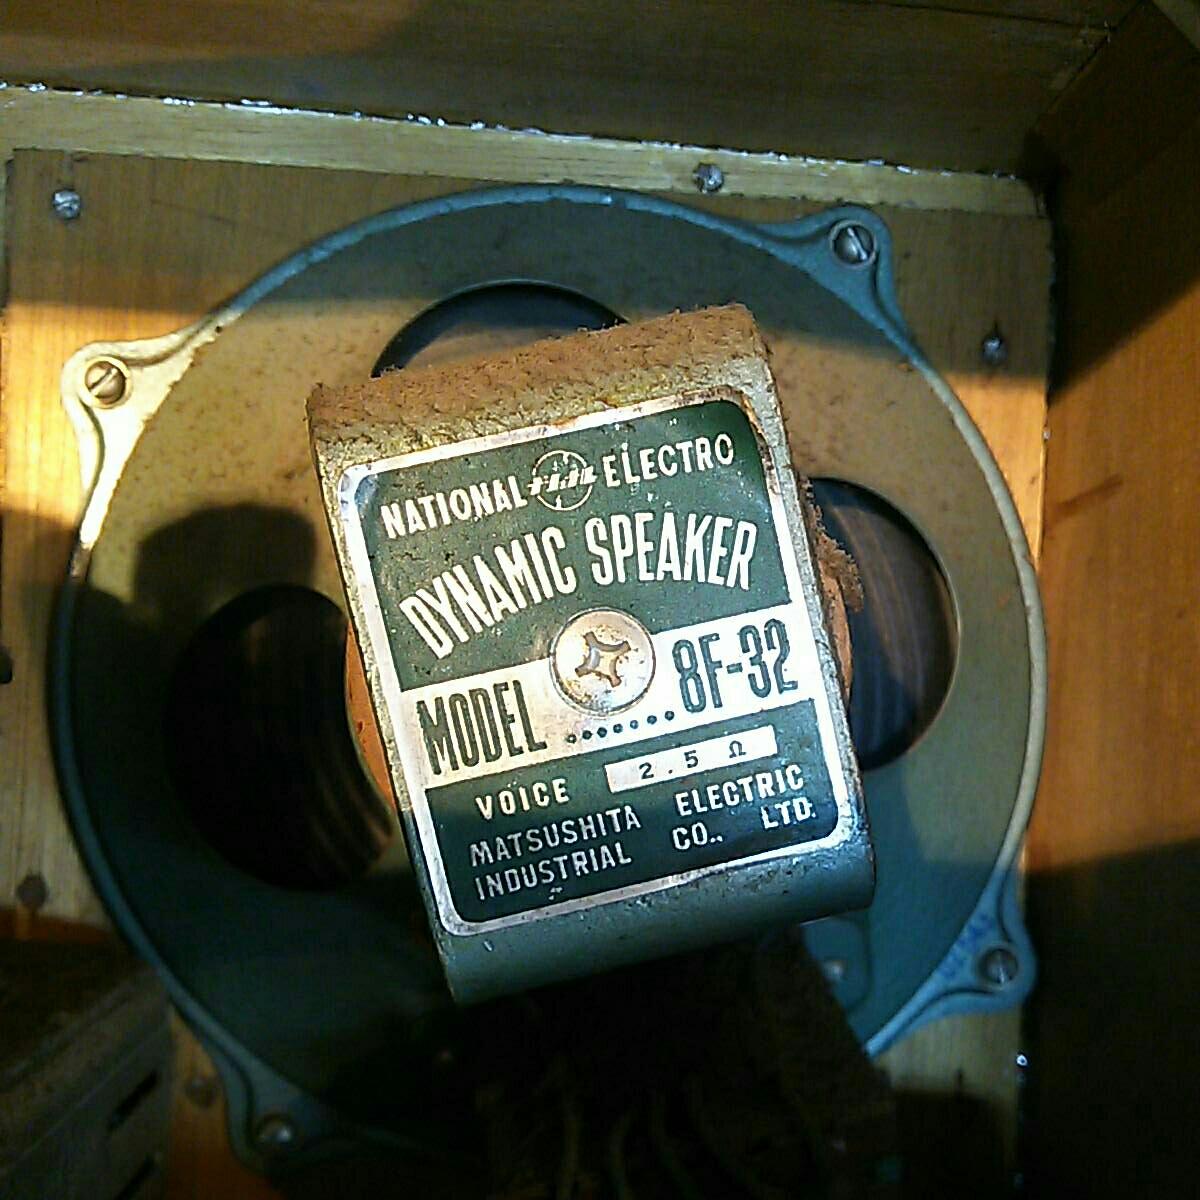 ナショナル 真空管 ラジオ ラヂオ 8F-32 ダイナミック スピーカー ジャンク TEN なす管 当時物 中古 アンティーク レトロ 部品取り_画像10